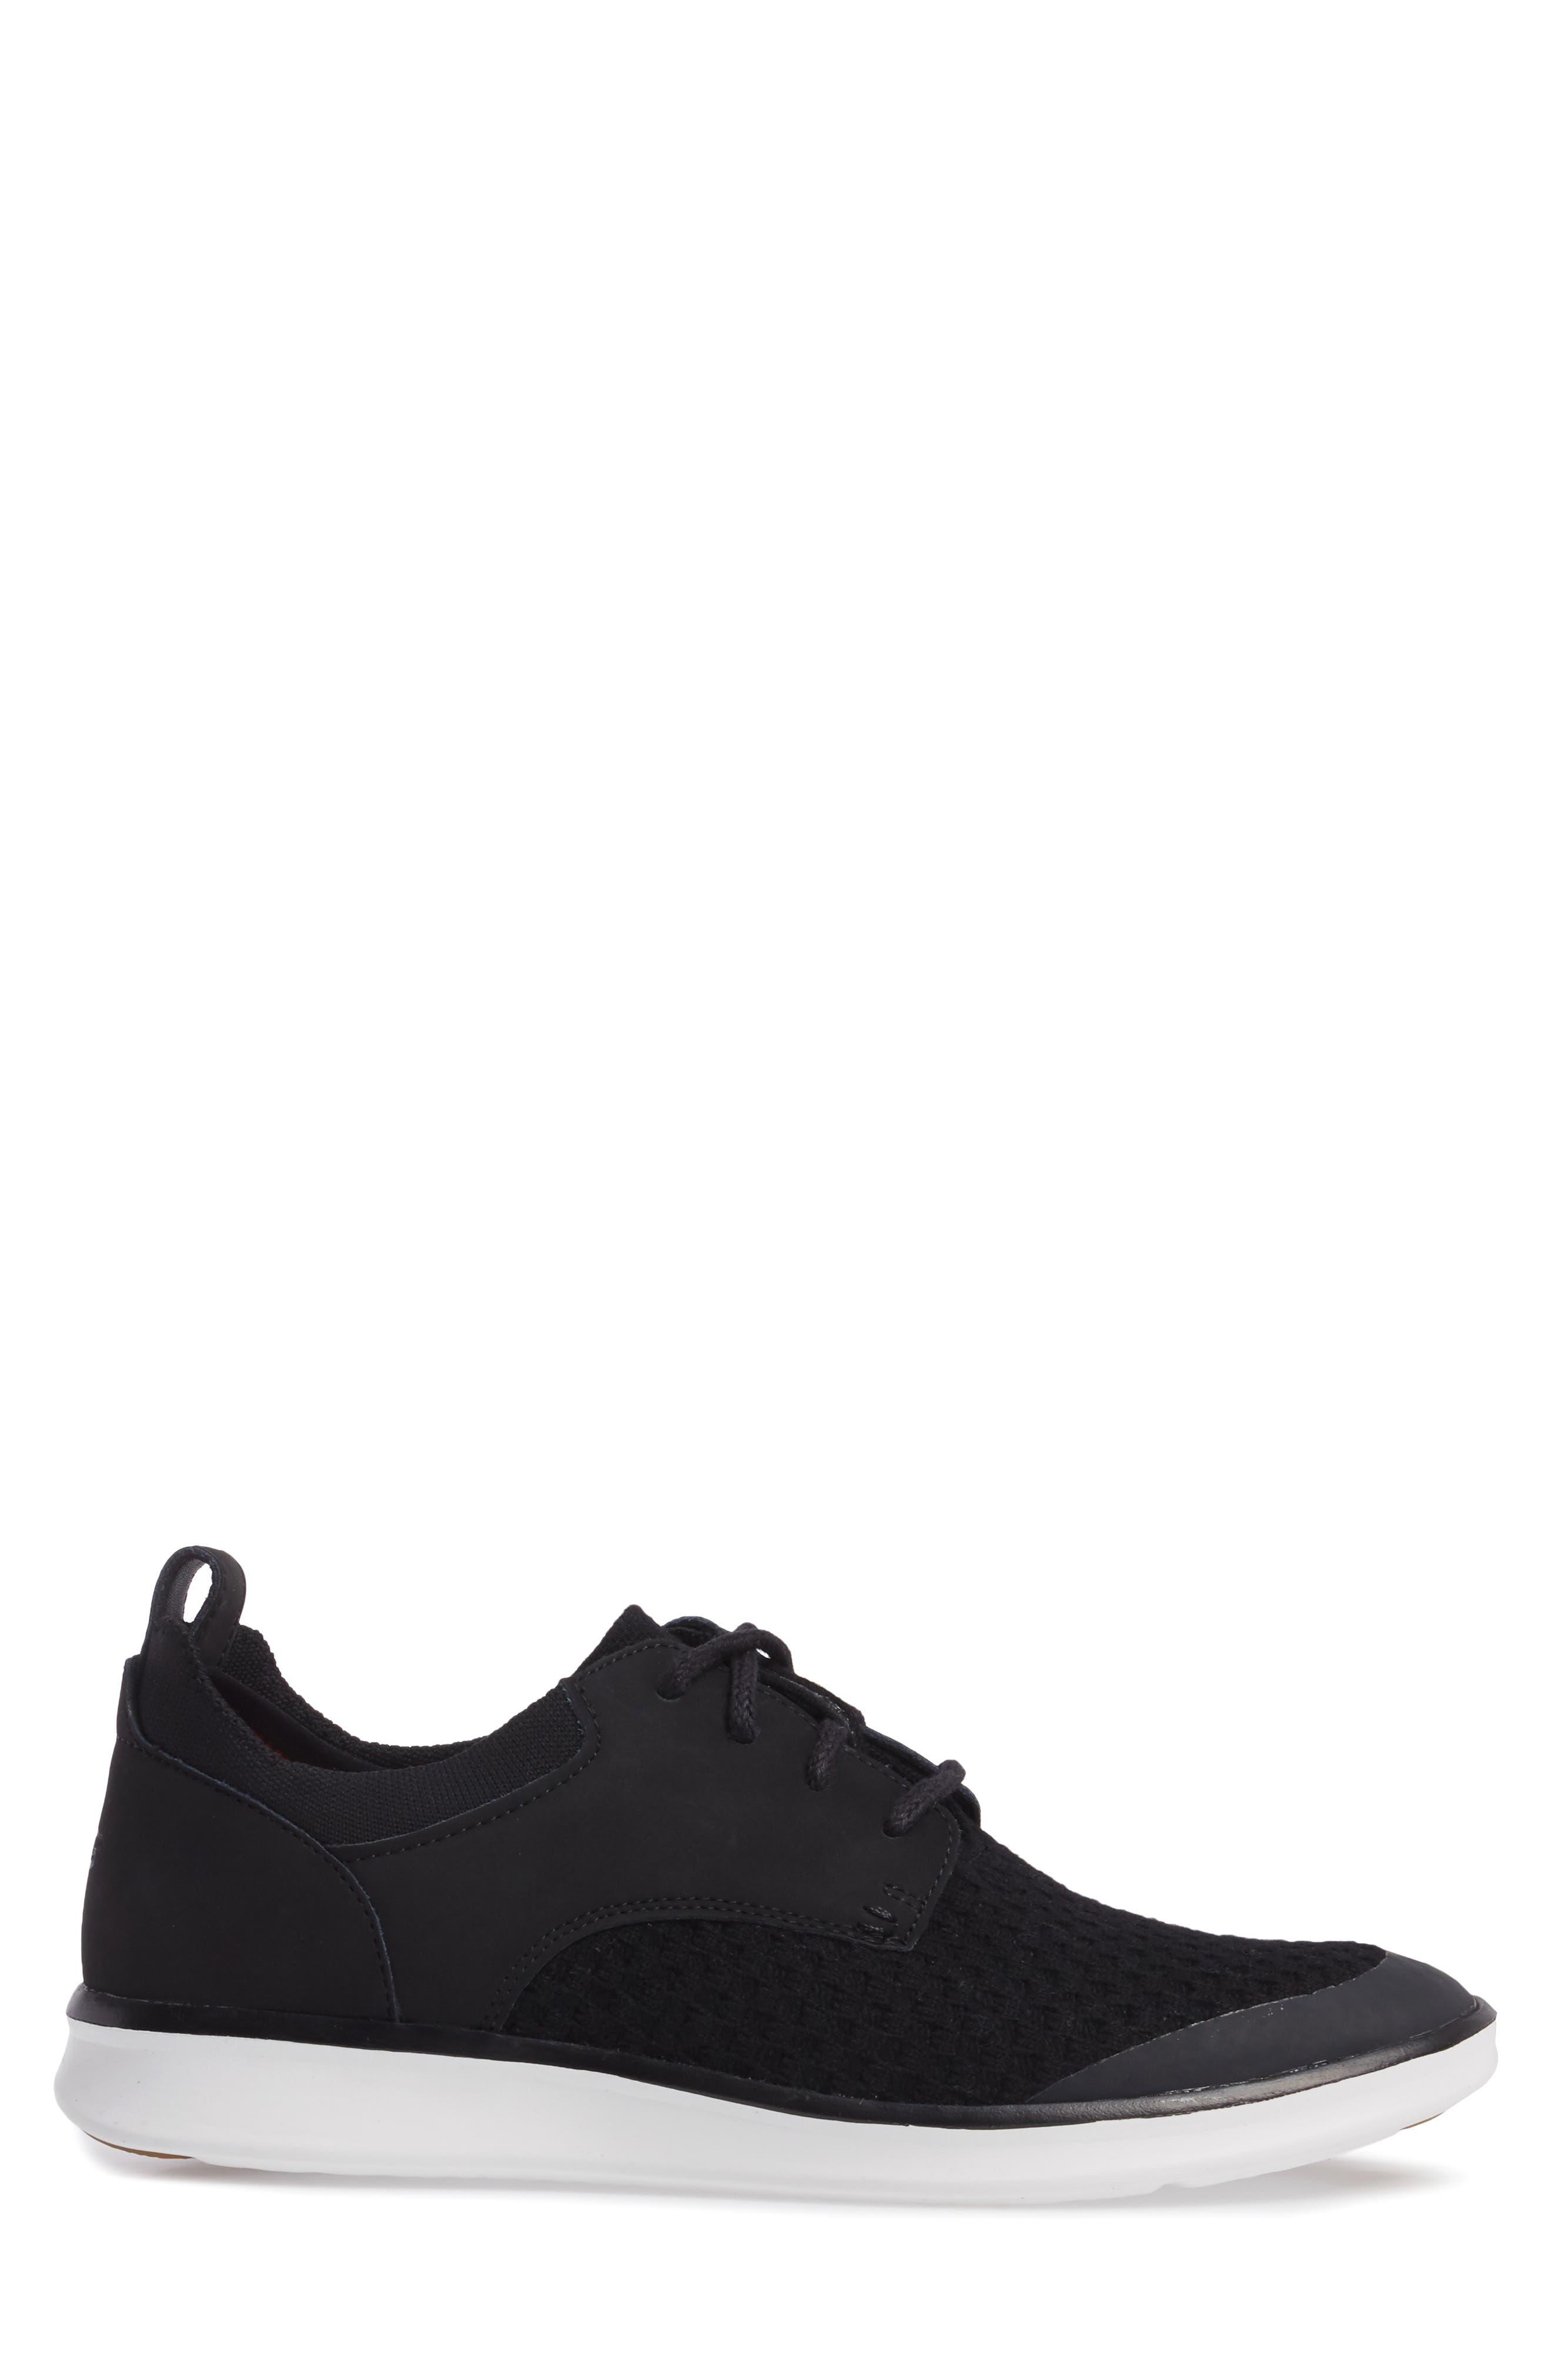 Hepner HyperWeave Sneaker,                             Alternate thumbnail 3, color,                             001